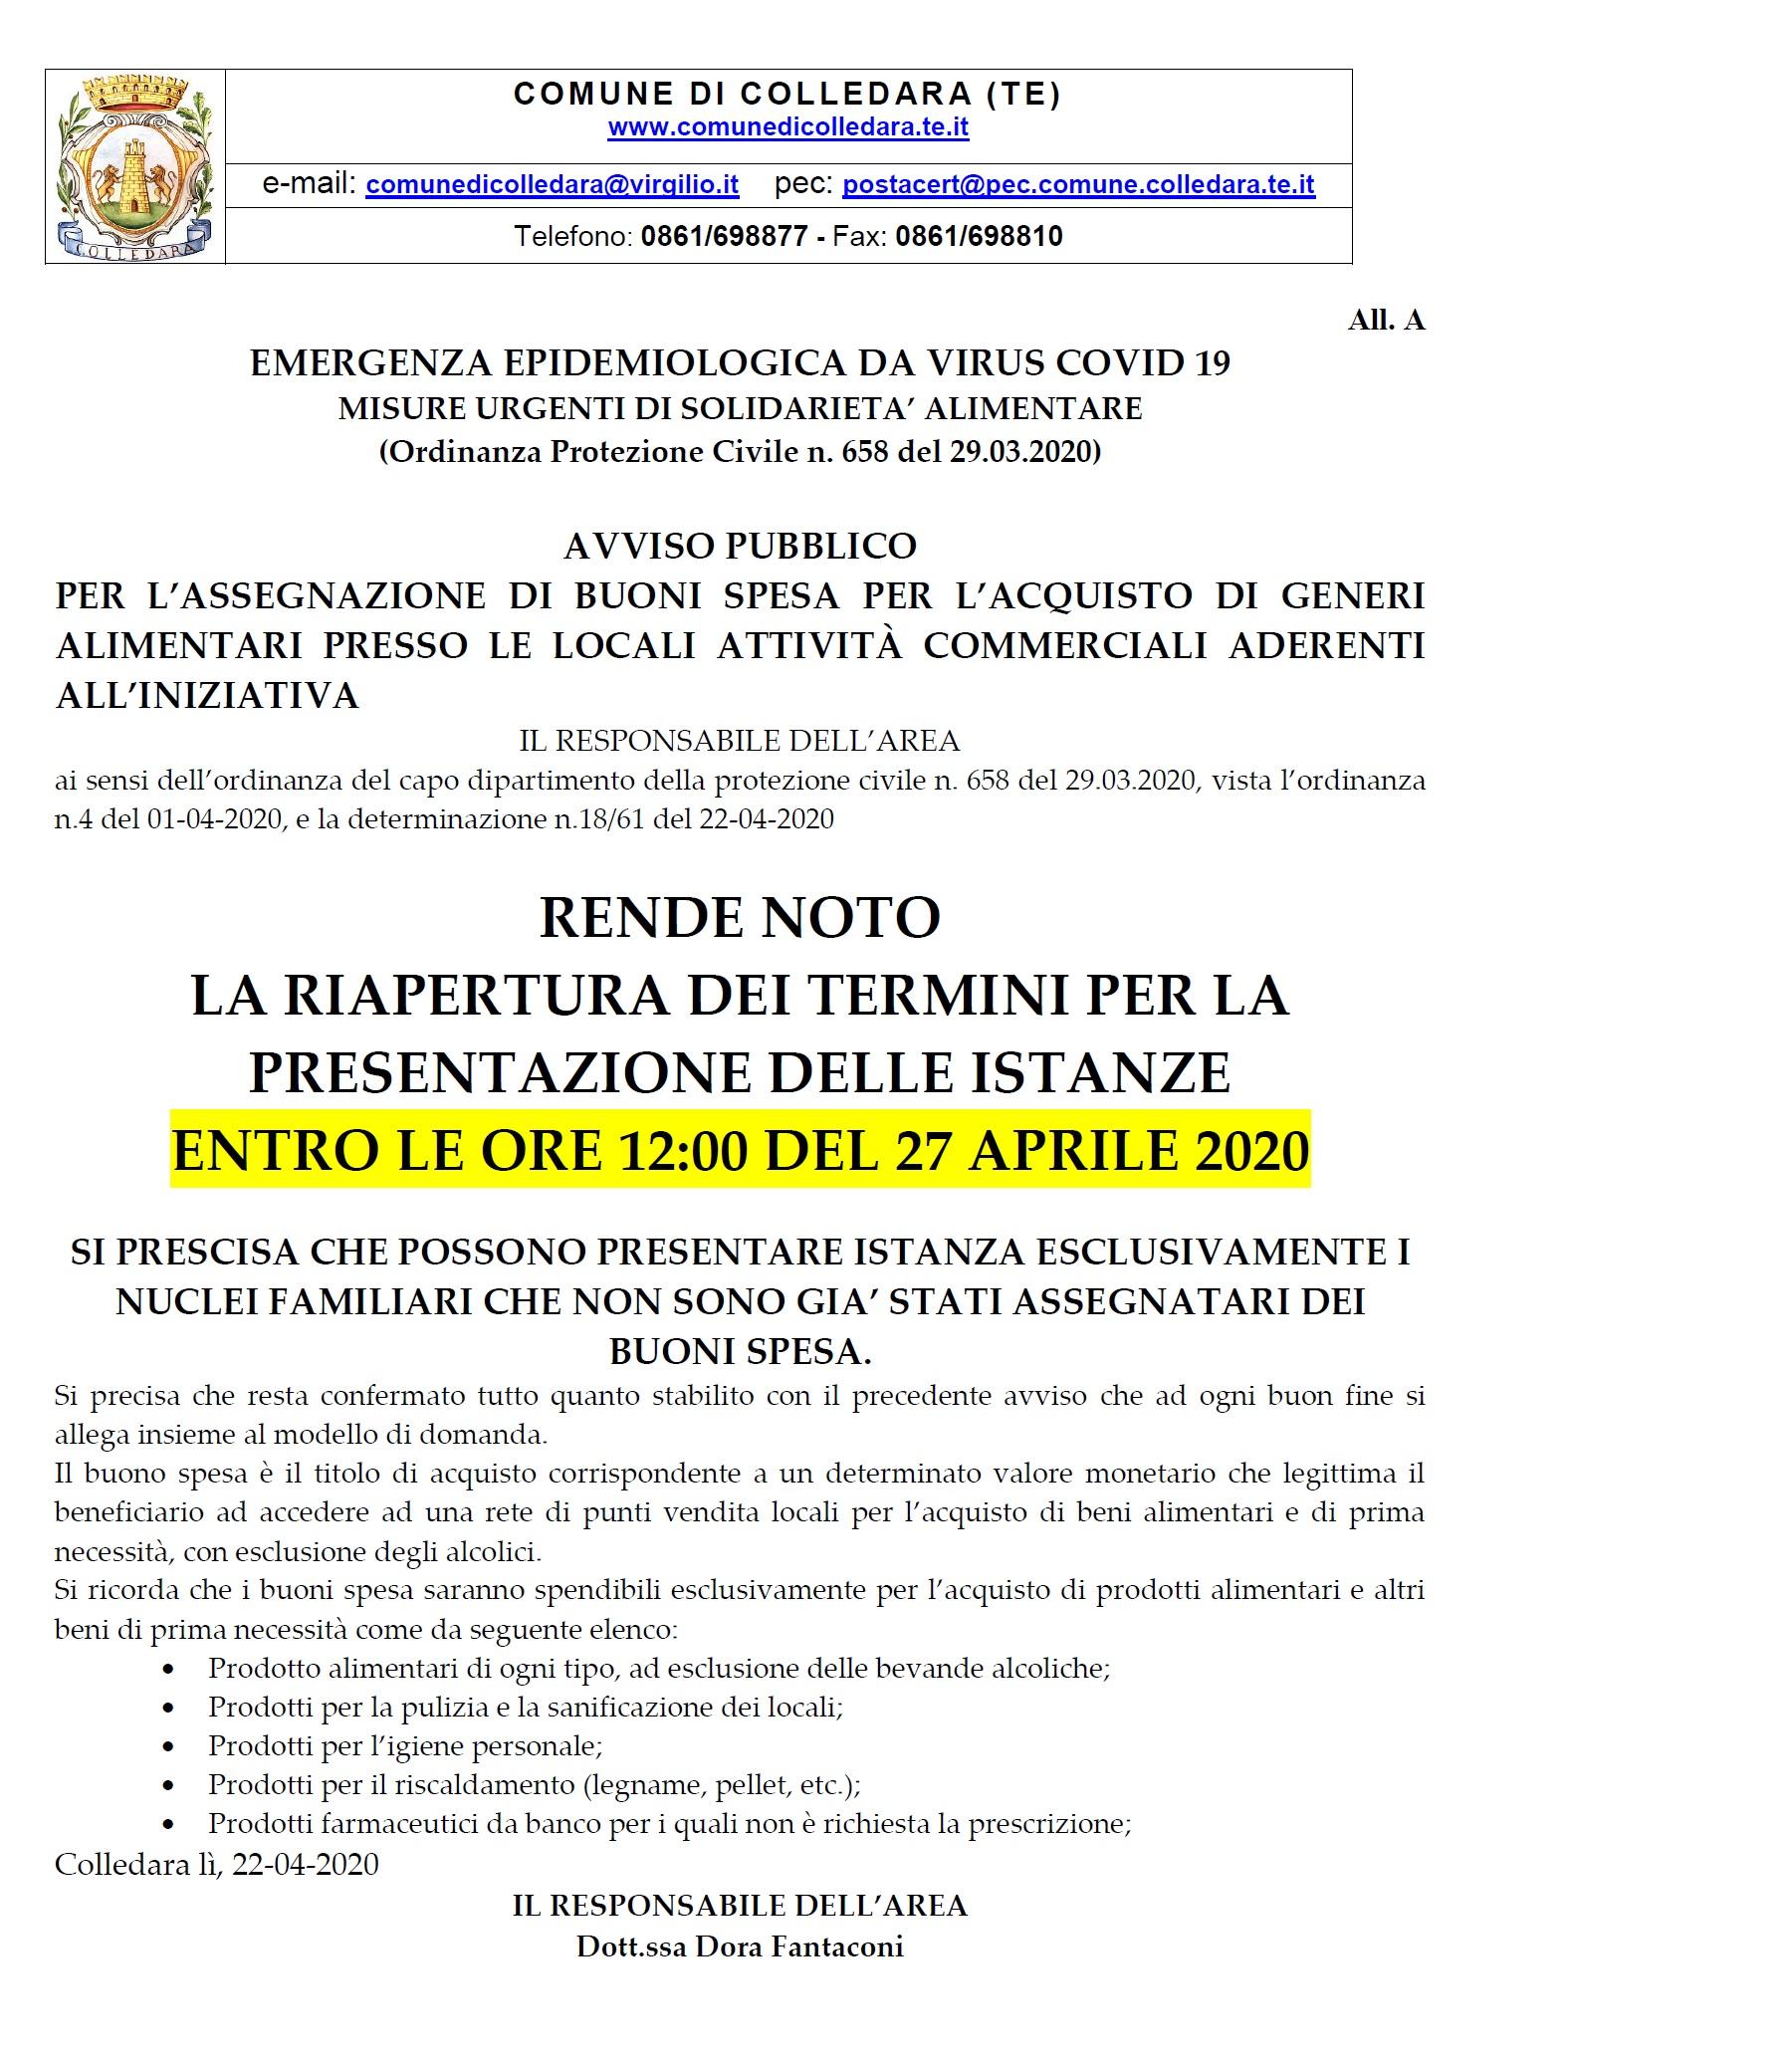 AVVISO PUBBLICO: BUONI SPESA EMERGENZA COVID 19 - RIAPERTURA TERMINI PRESENTAZIONE ISTANZE